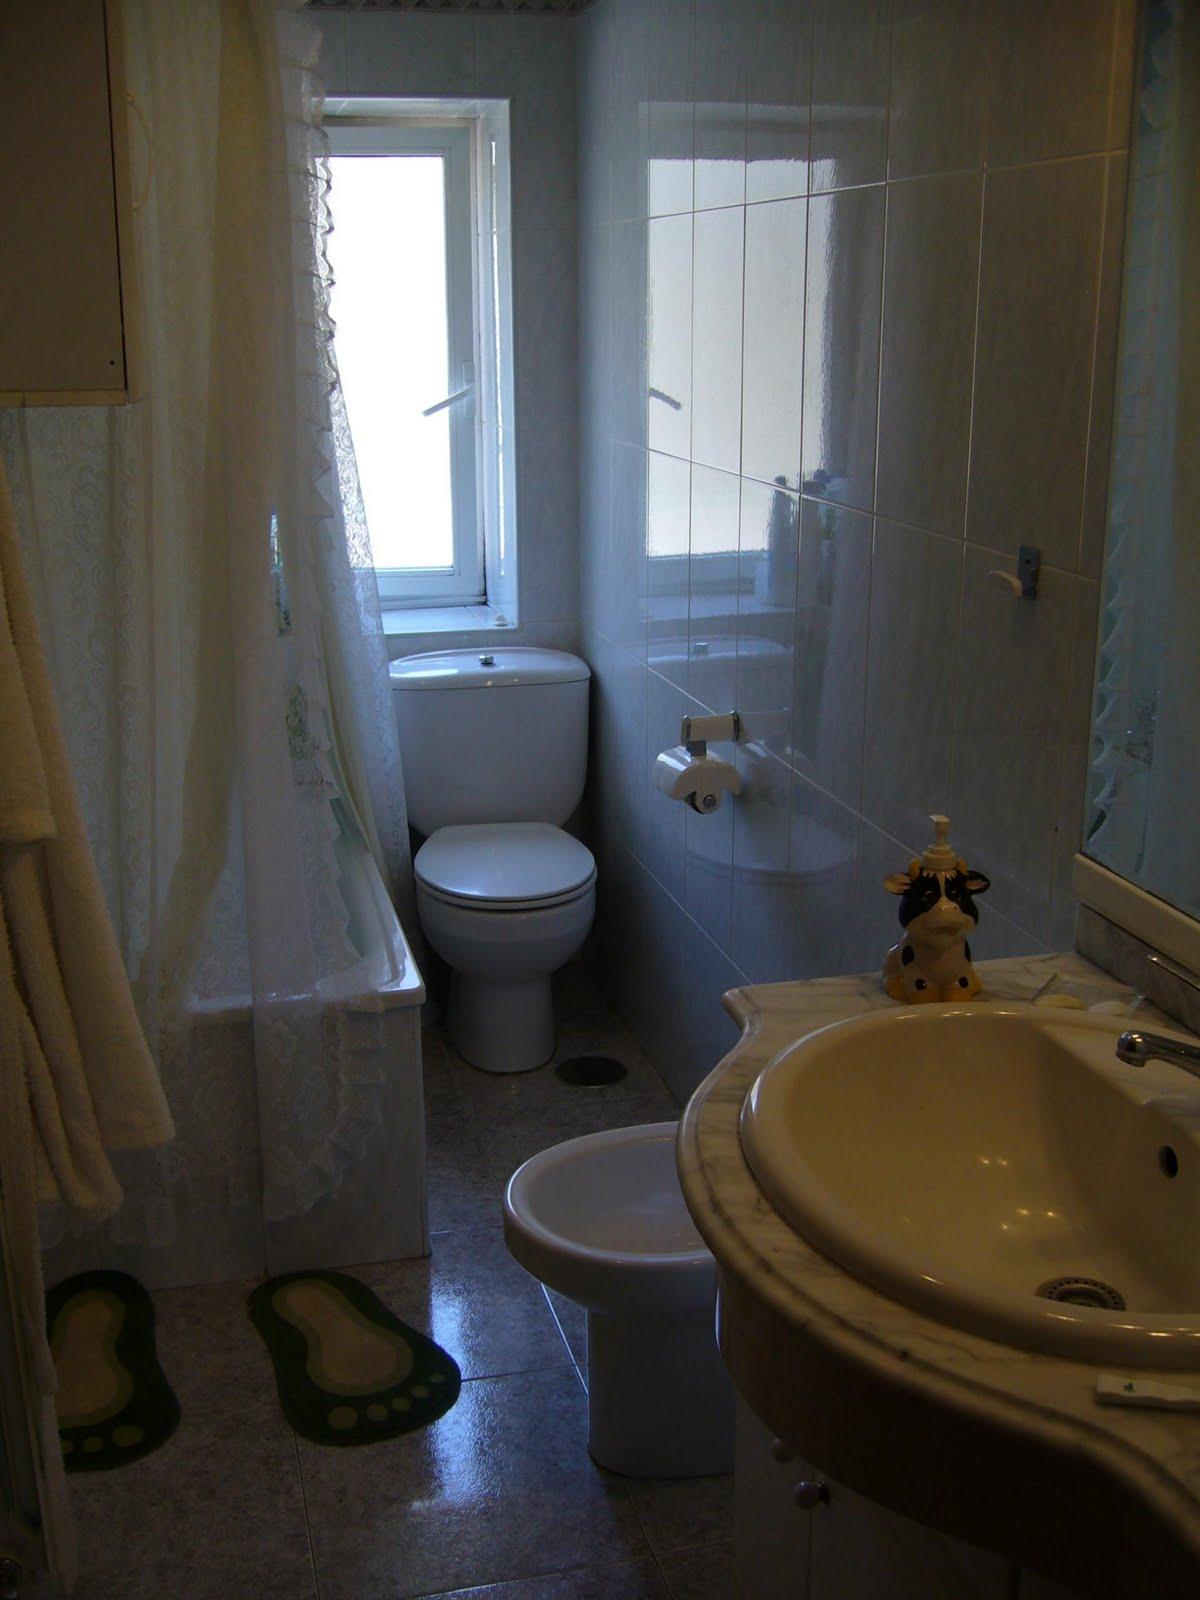 Dise o de ba os peque os con ducha alargados y con for Diseno de banos pequenos con ducha